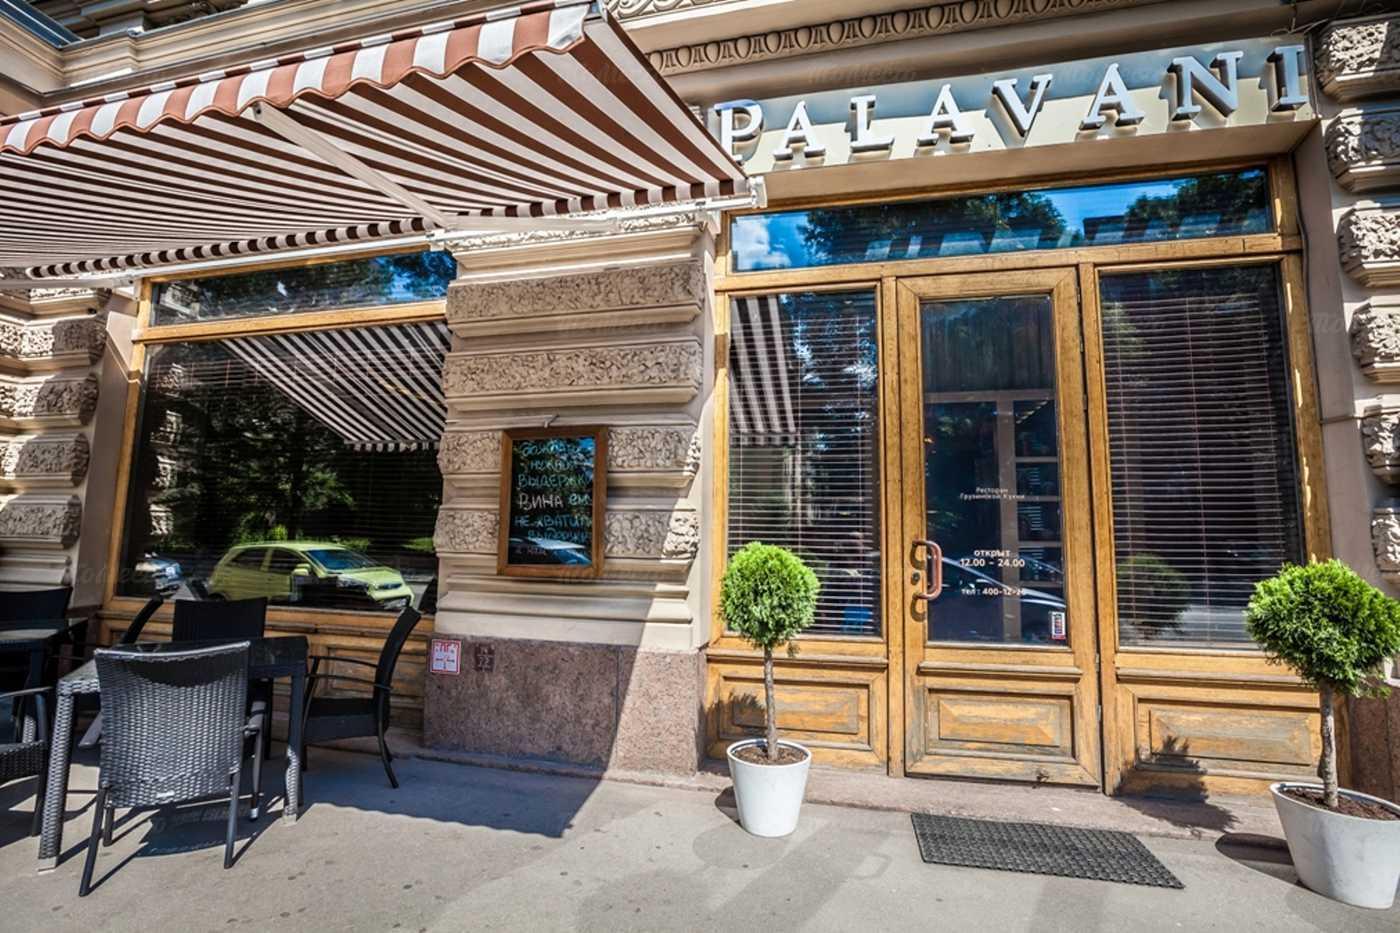 Меню ресторана Palavani (Палавани) на улице Ломоносова